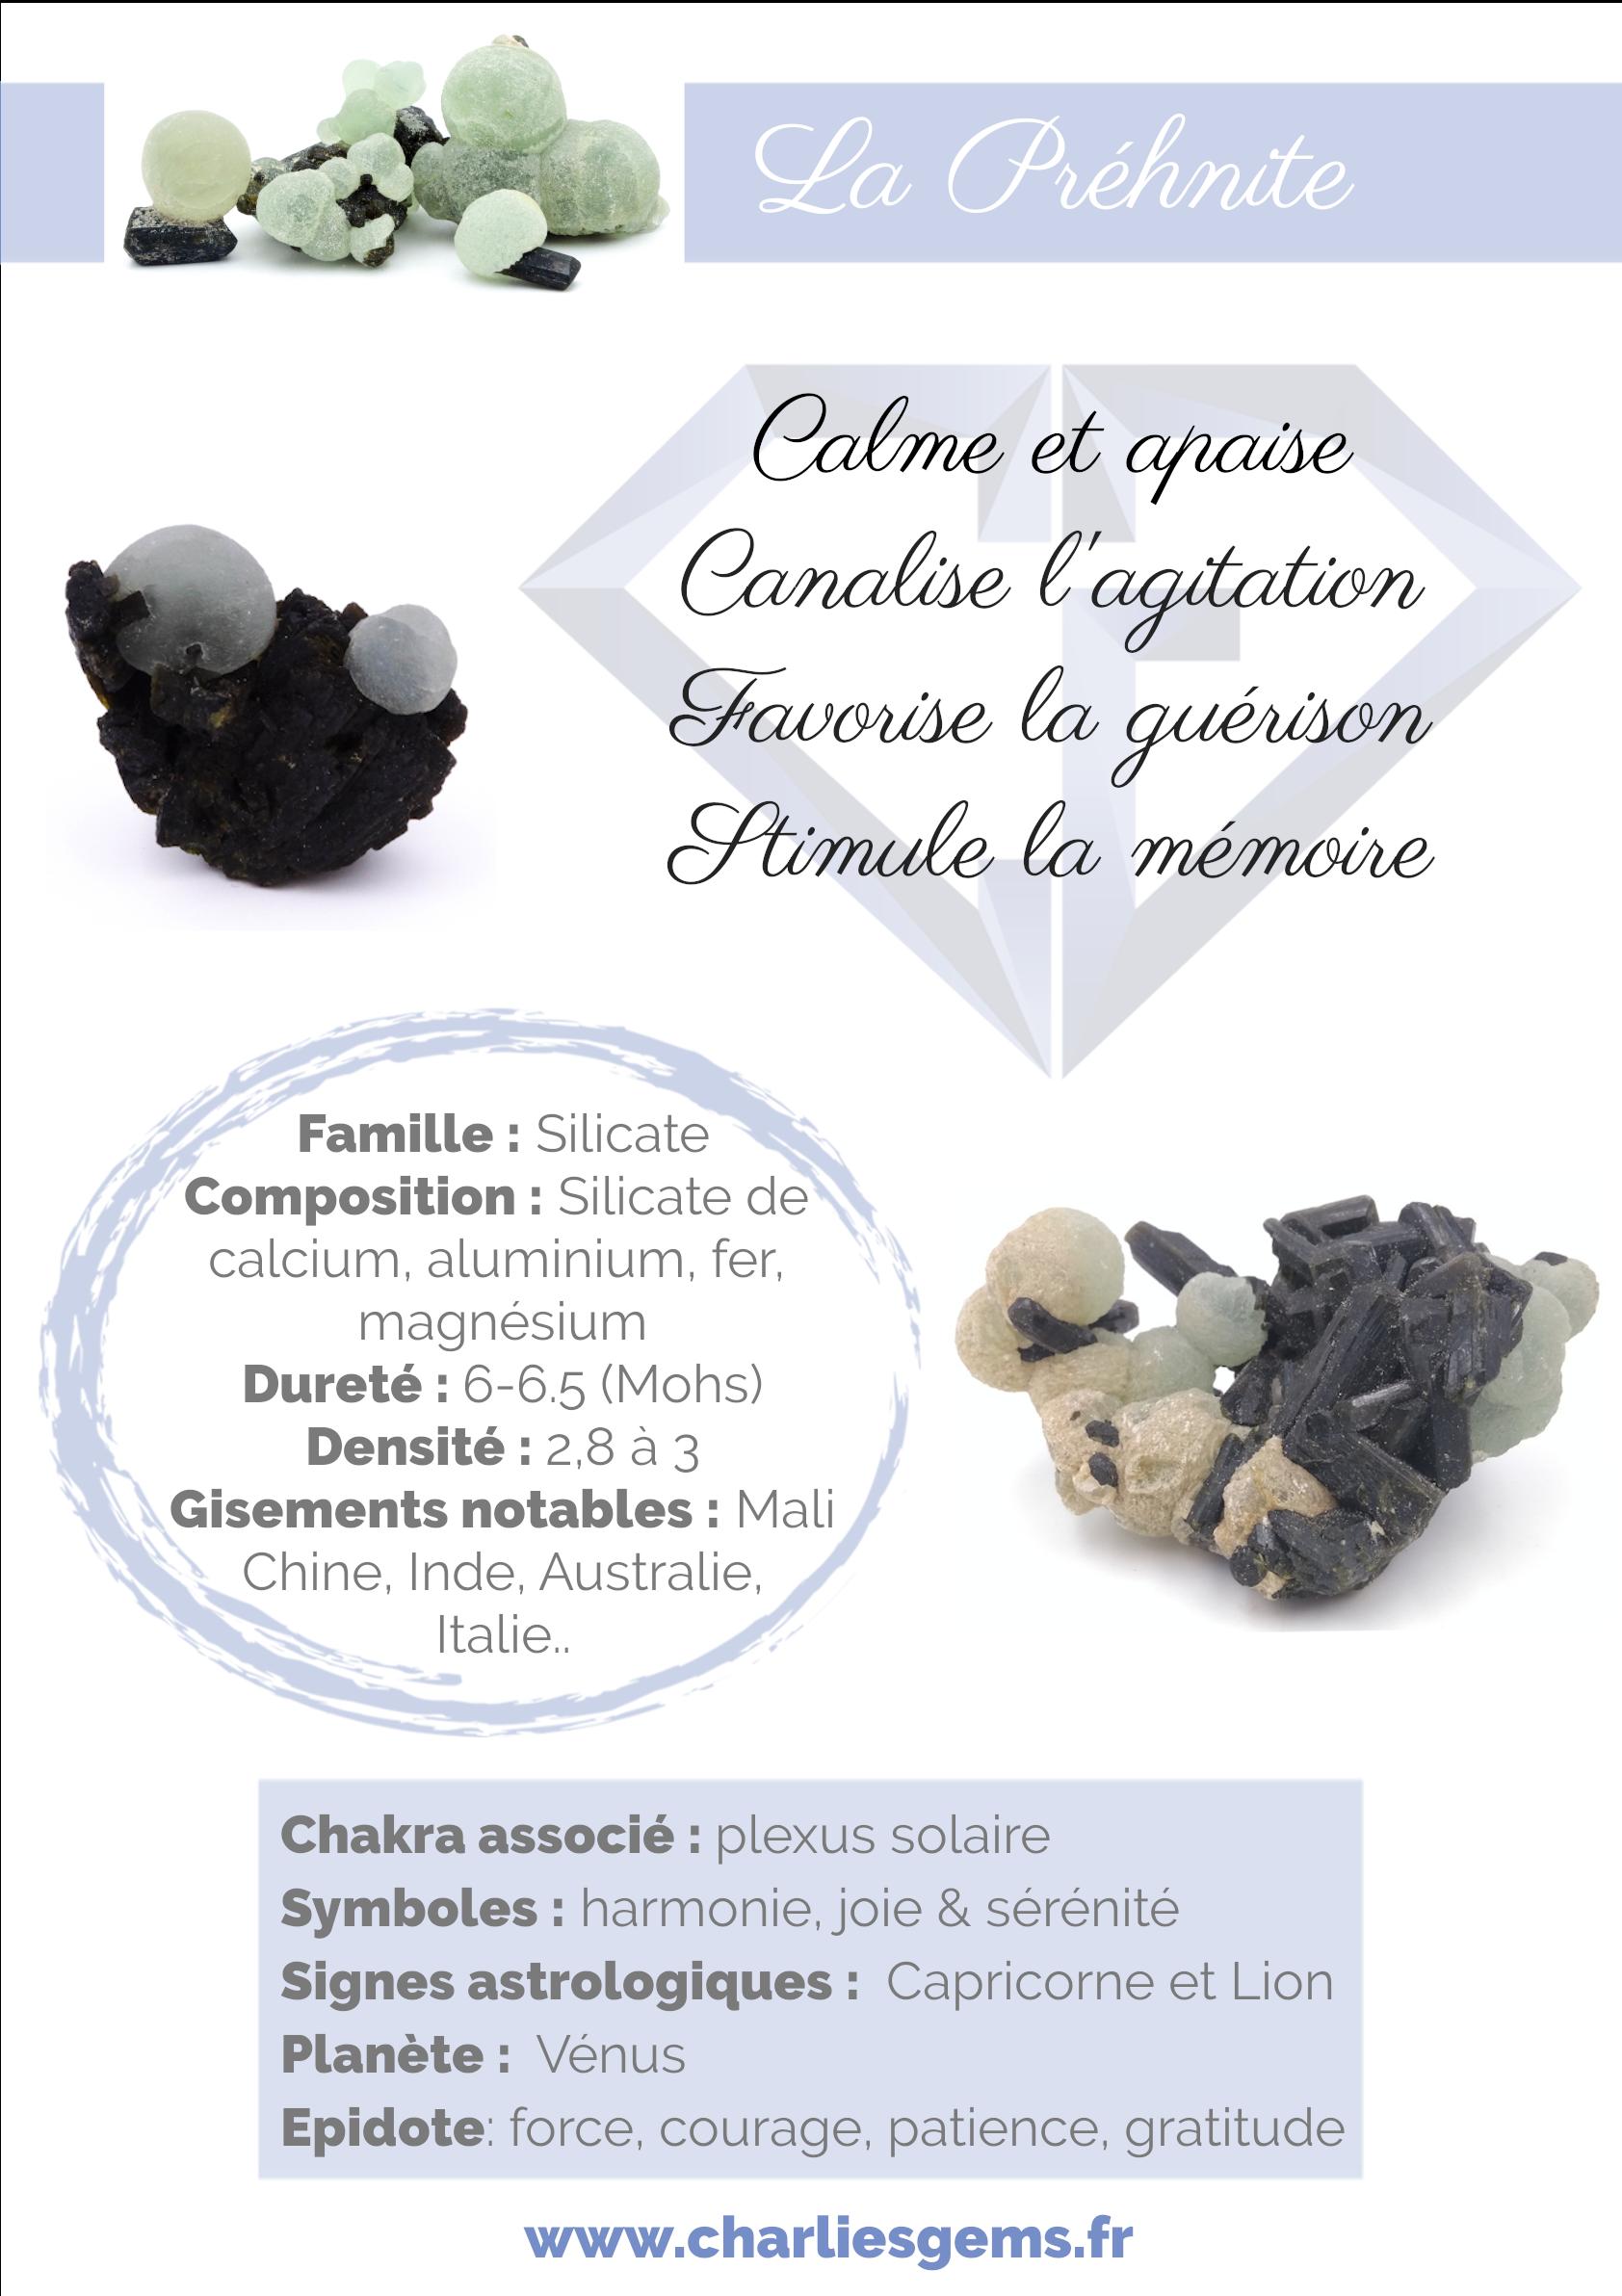 Fiche de présentation de la Préhnite (description, lithothérapie, propriétés) - Par Charlie's Gems